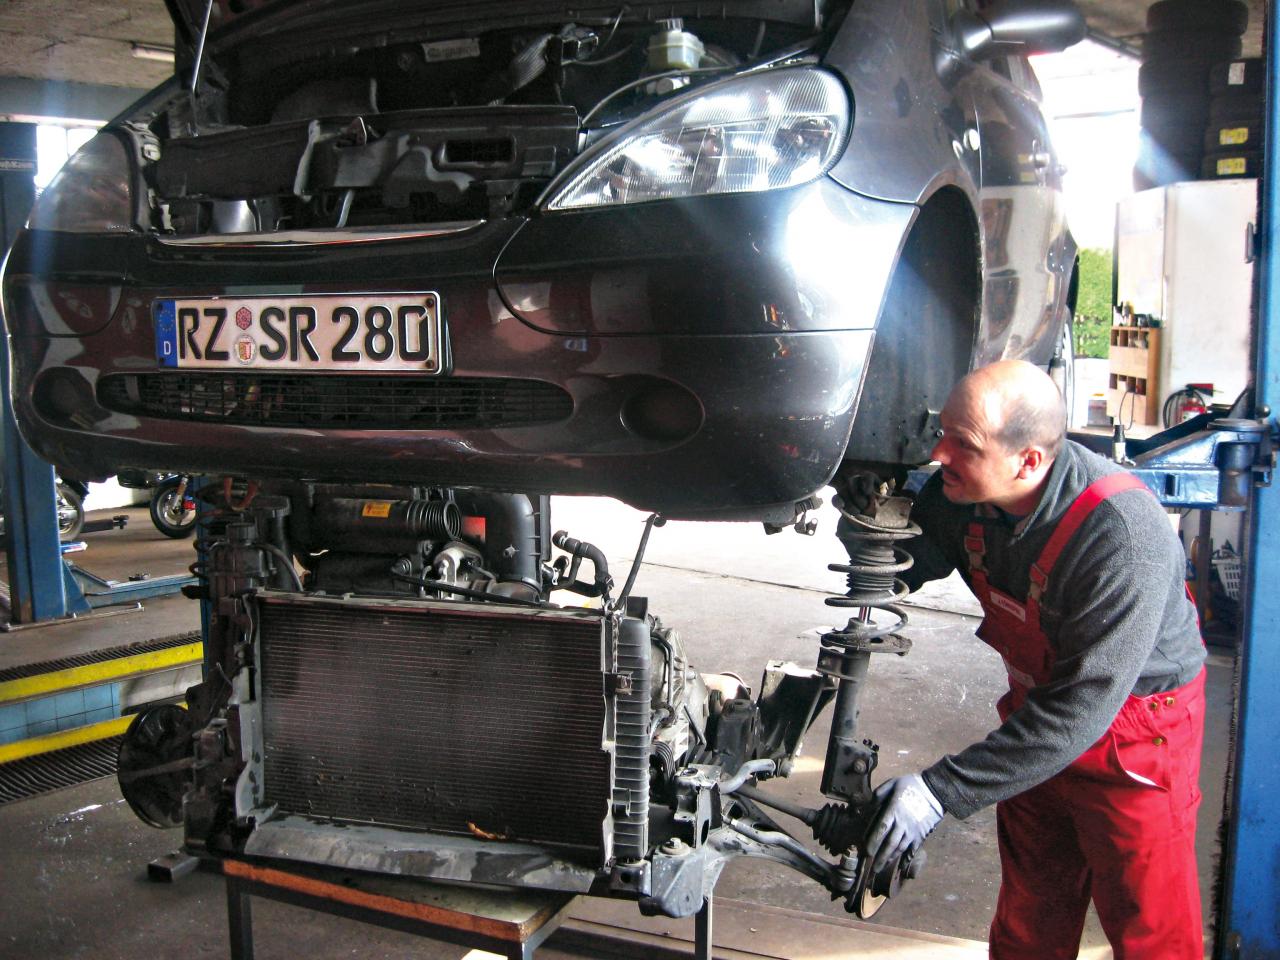 Mercedes A klasei noņemt pārnesumkārbu nemaz nav tik vienkārši. Taču pēc triju stundu darba tā atrodas uz servisa darba galda